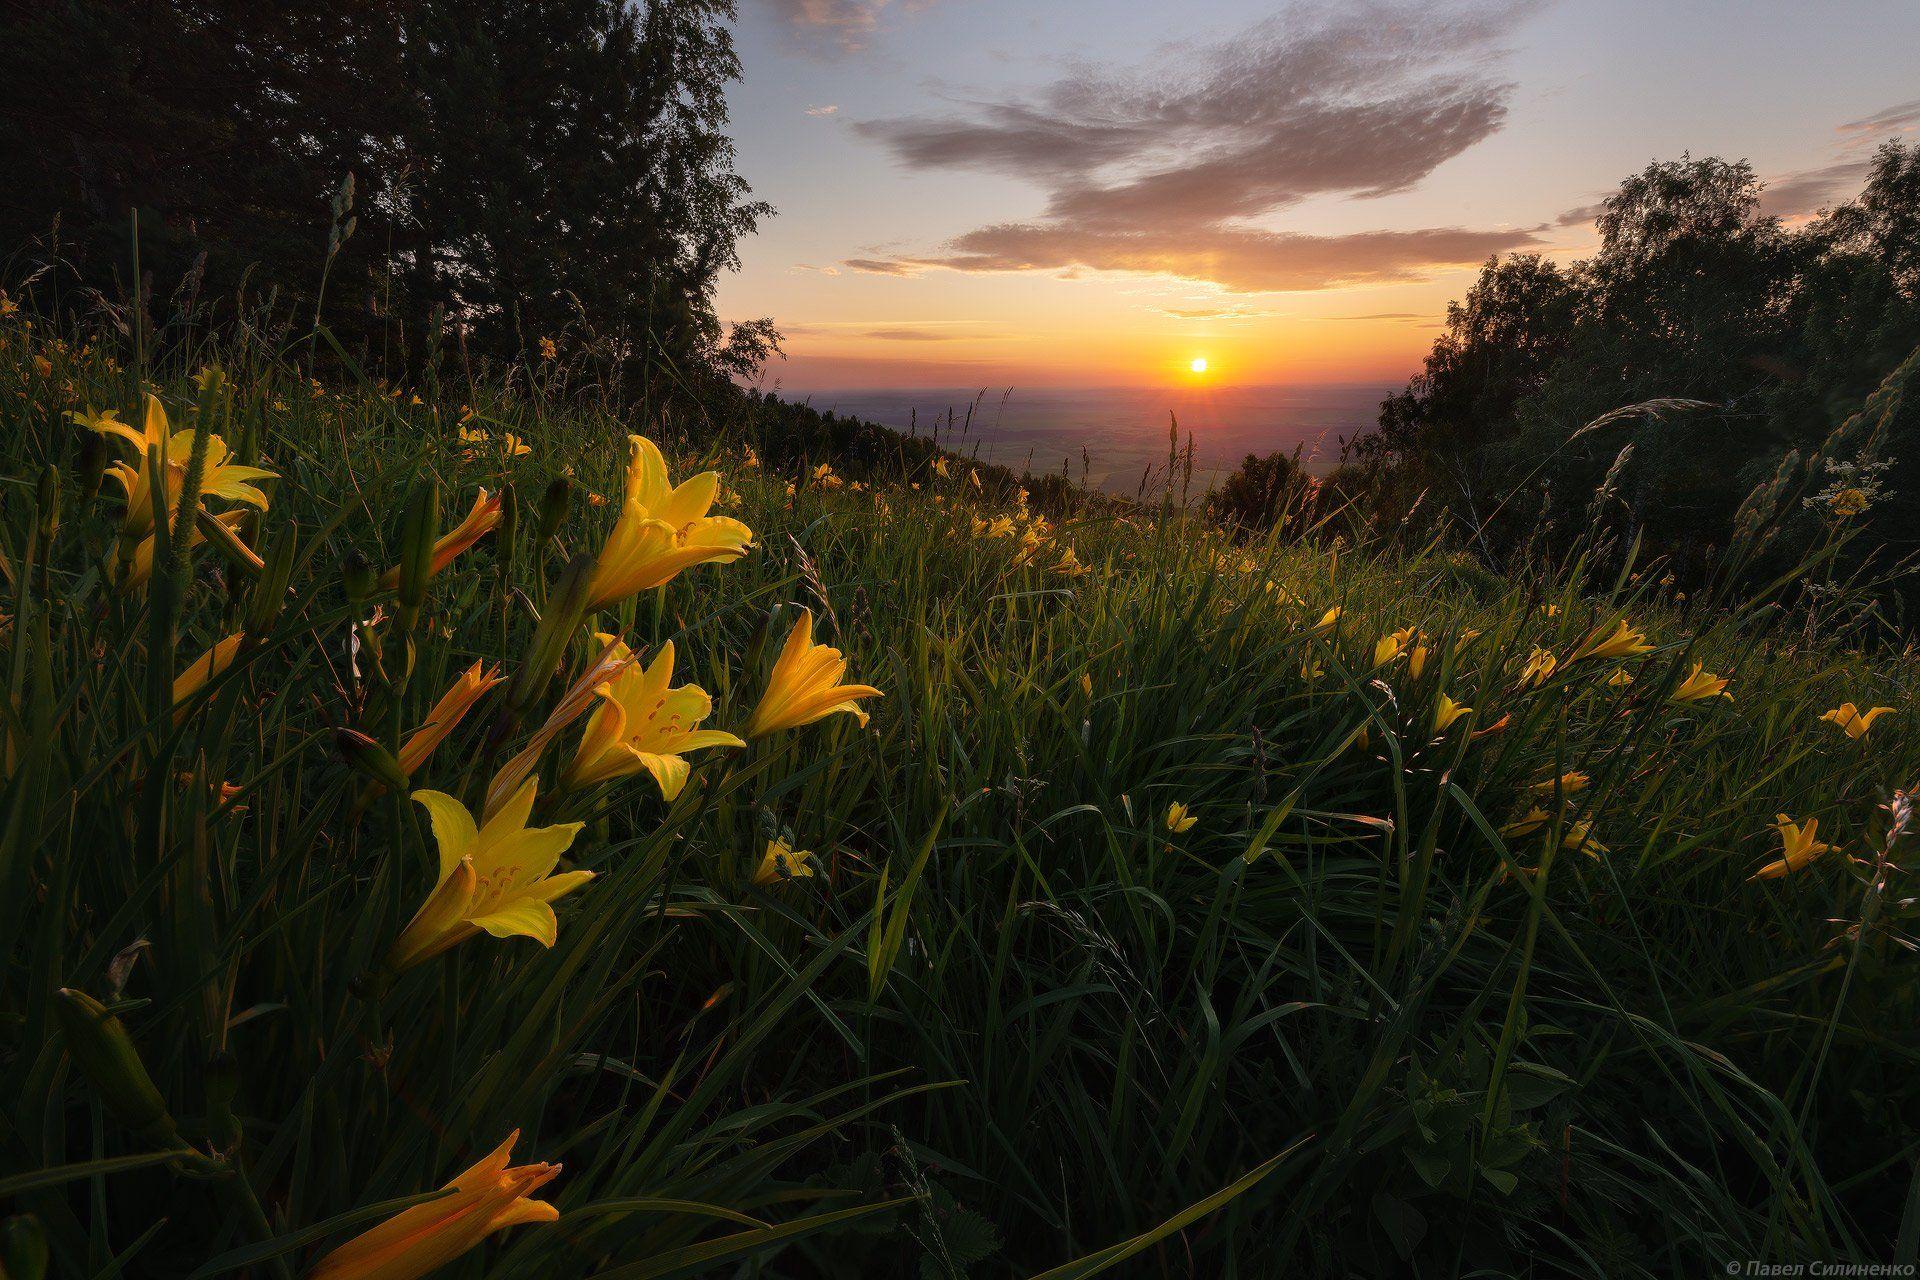 пейзаж, восход, цветы, лилии, цвет, алтай, Павел Силиненко